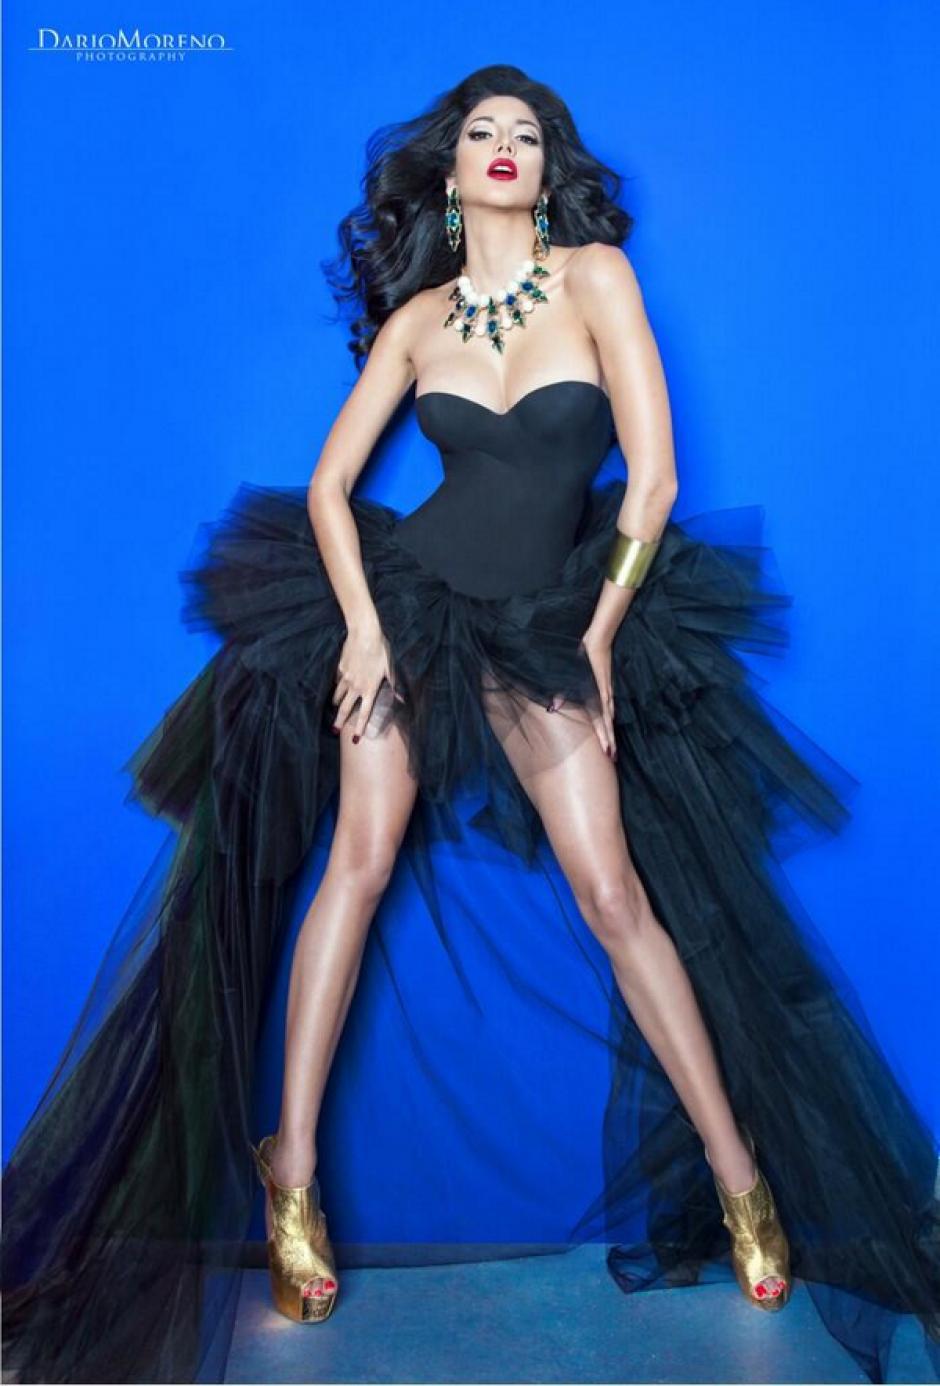 Giosue Cozzarelli, la Miss Panamá que dijo que Confucio inventó la Confusión está mejor que nunca. (Diario Moreno)